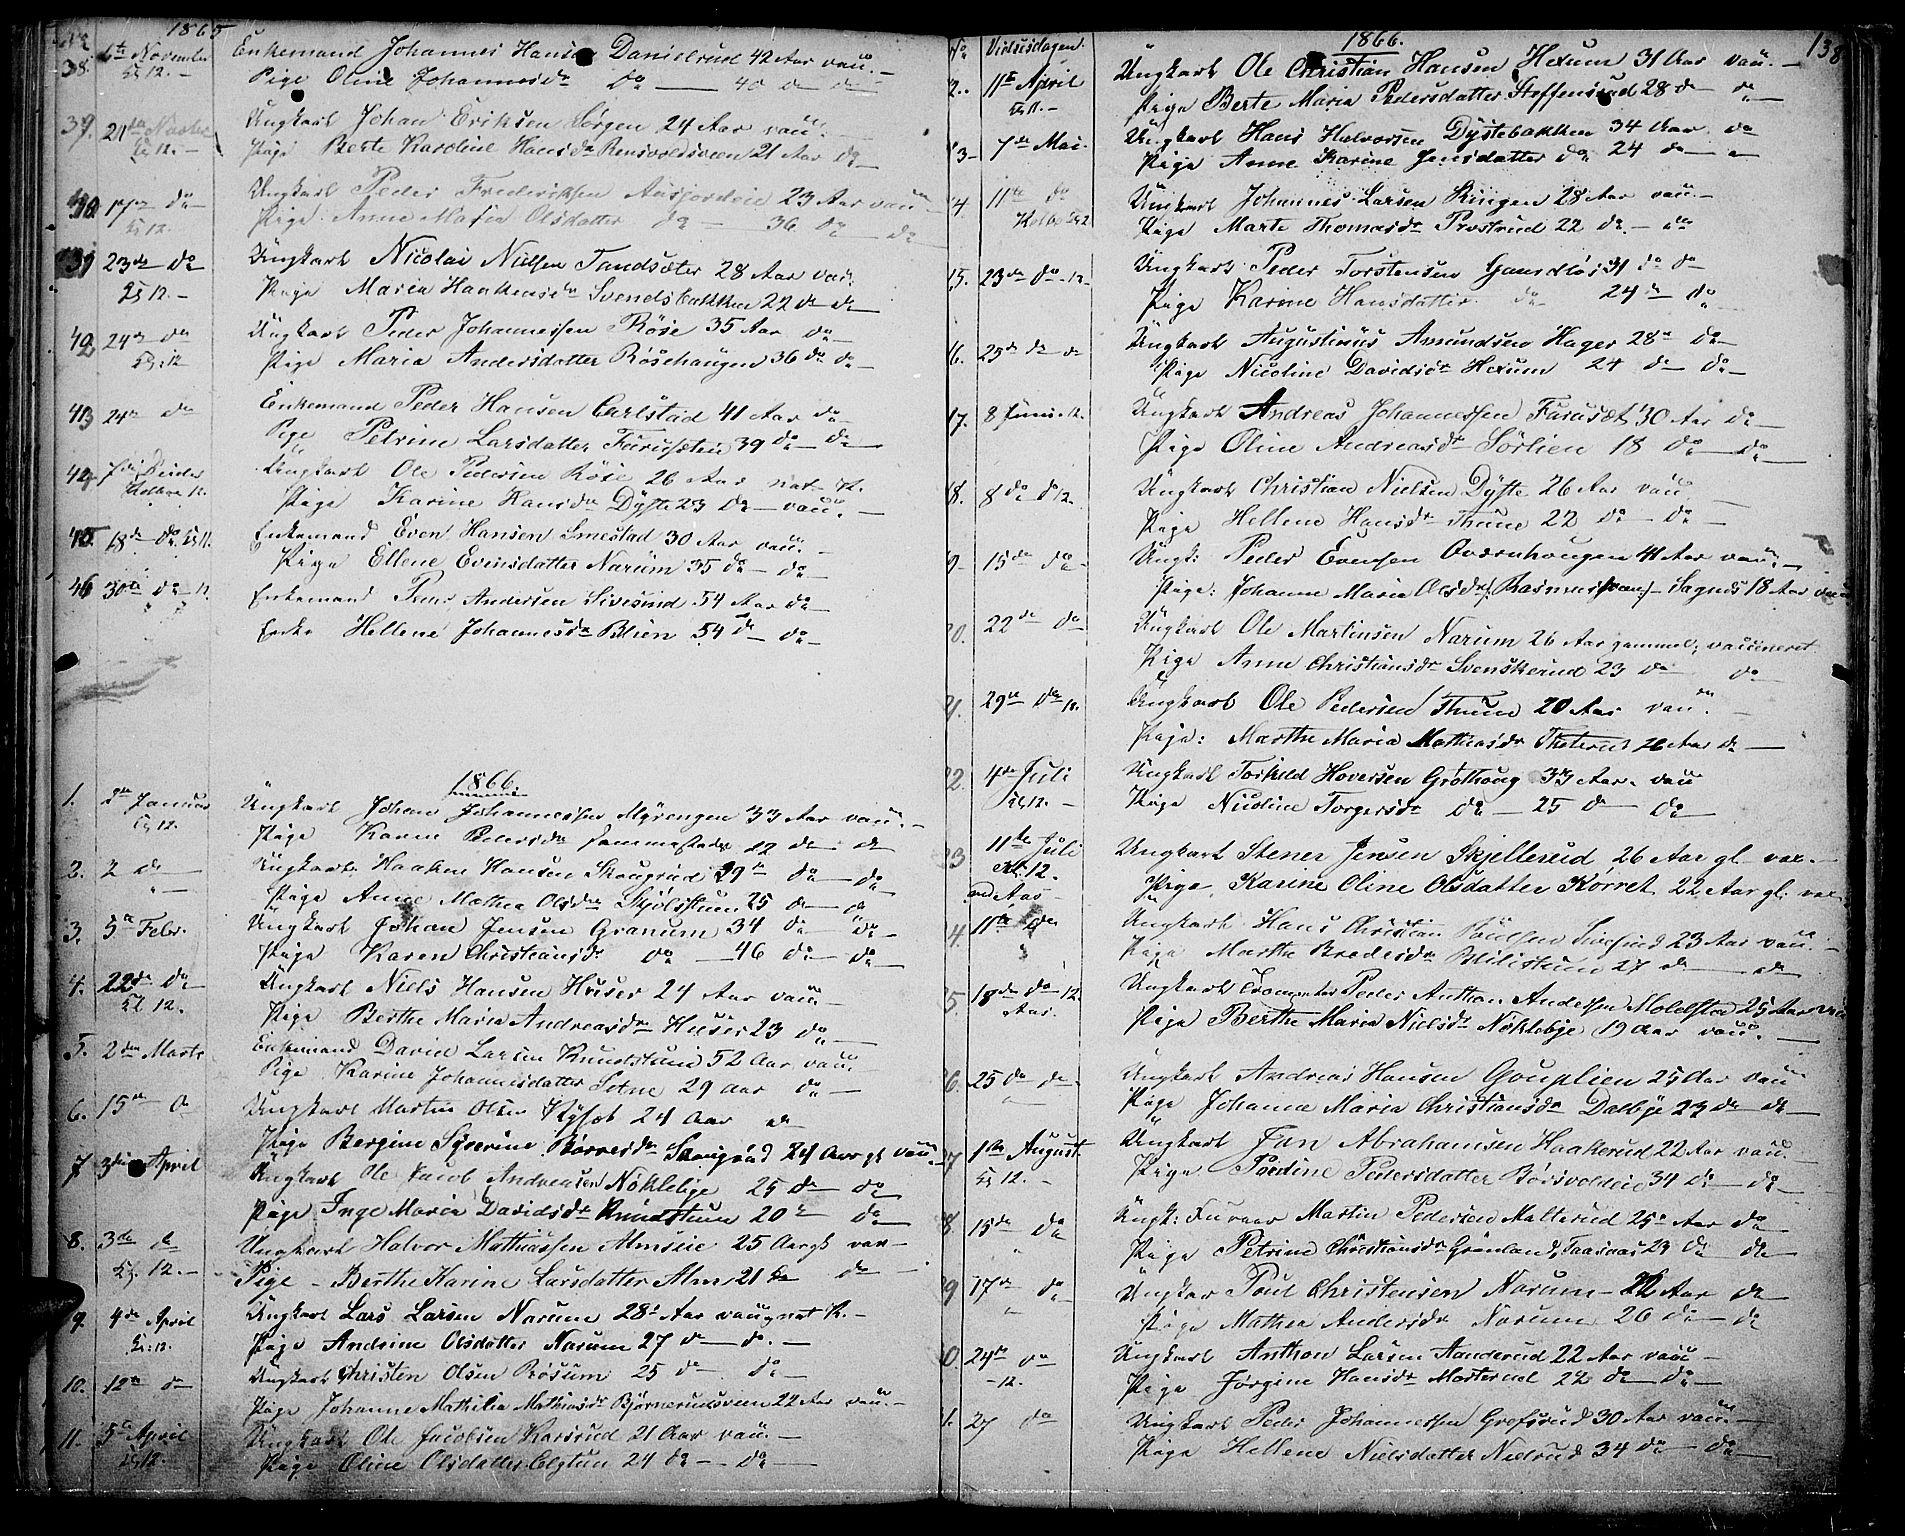 SAH, Vestre Toten prestekontor, Klokkerbok nr. 5, 1854-1870, s. 138